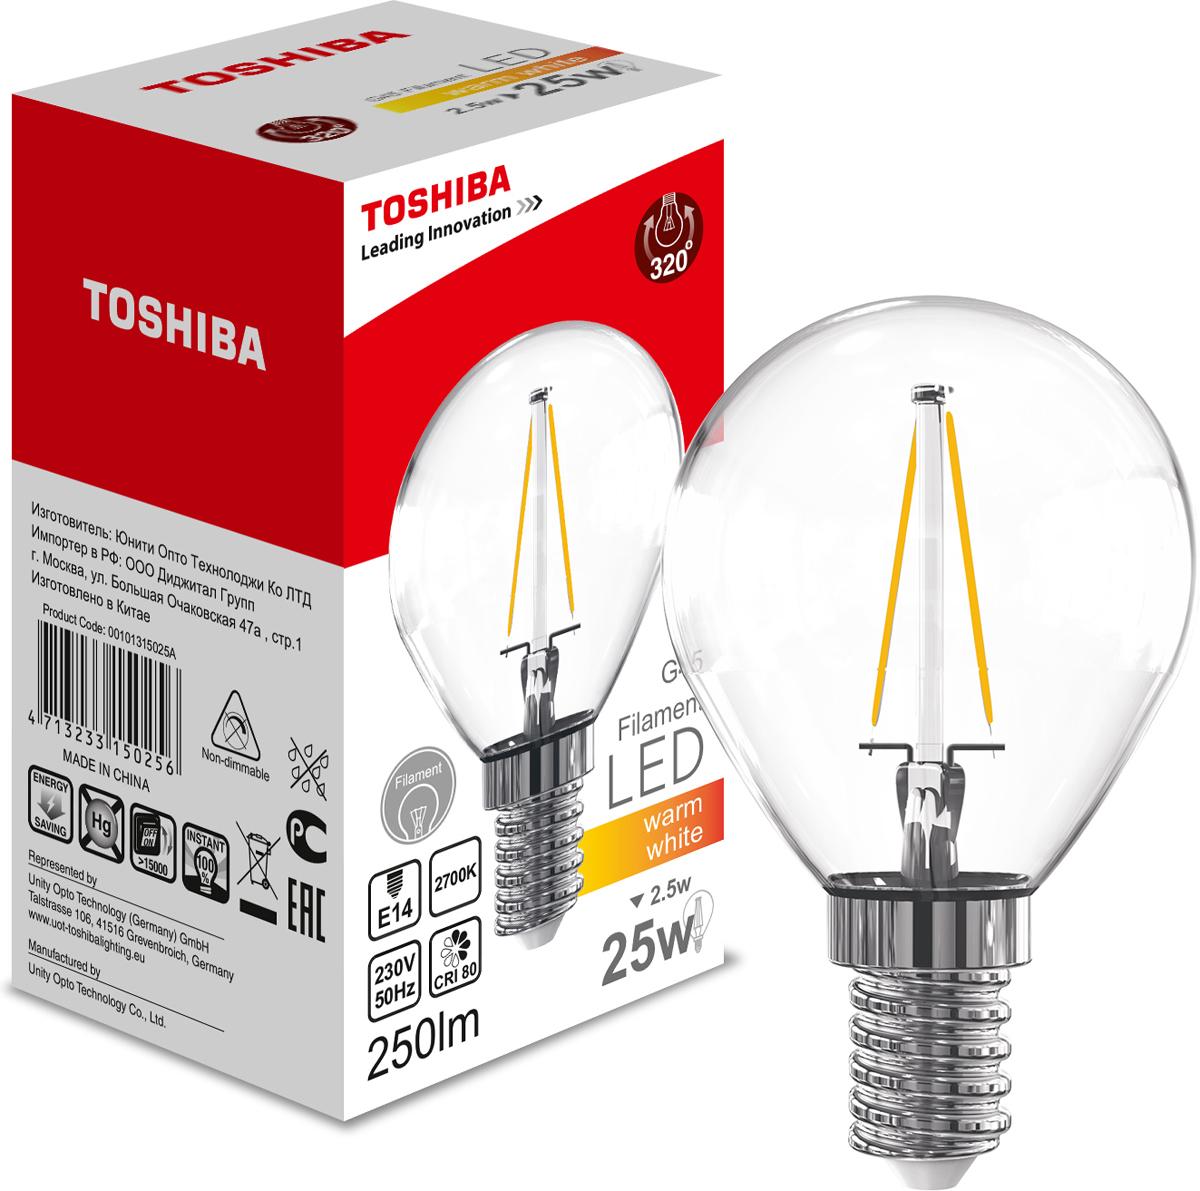 Лампа филаментная Toshiba, теплый свет, цоколь E14, 2,5W, 2700K. 101315025A101315025AФиламентные лампы, хоть и относятся к светодиодным, но и внешне, и конструктивно достаточно сильно от них отличаются. Несведущему человеку вообще может показаться, что это обычная лампа накаливания, только немного со странностями. На самом деле филаментные светодиодные лампы объединили лучшие качества привычных нам лампочек Ильича и современных led-ламп. Результат получился интересный, экономичный, экологичный и глазу весьма приятный. Филамент – основной функциональный элемент такой лампы, представляет собой светодиодную полоску особой конструкции. Внешним видом филаменты напоминают нить, потому некоторые так их и называют – лампочки на светодиодных нитях.